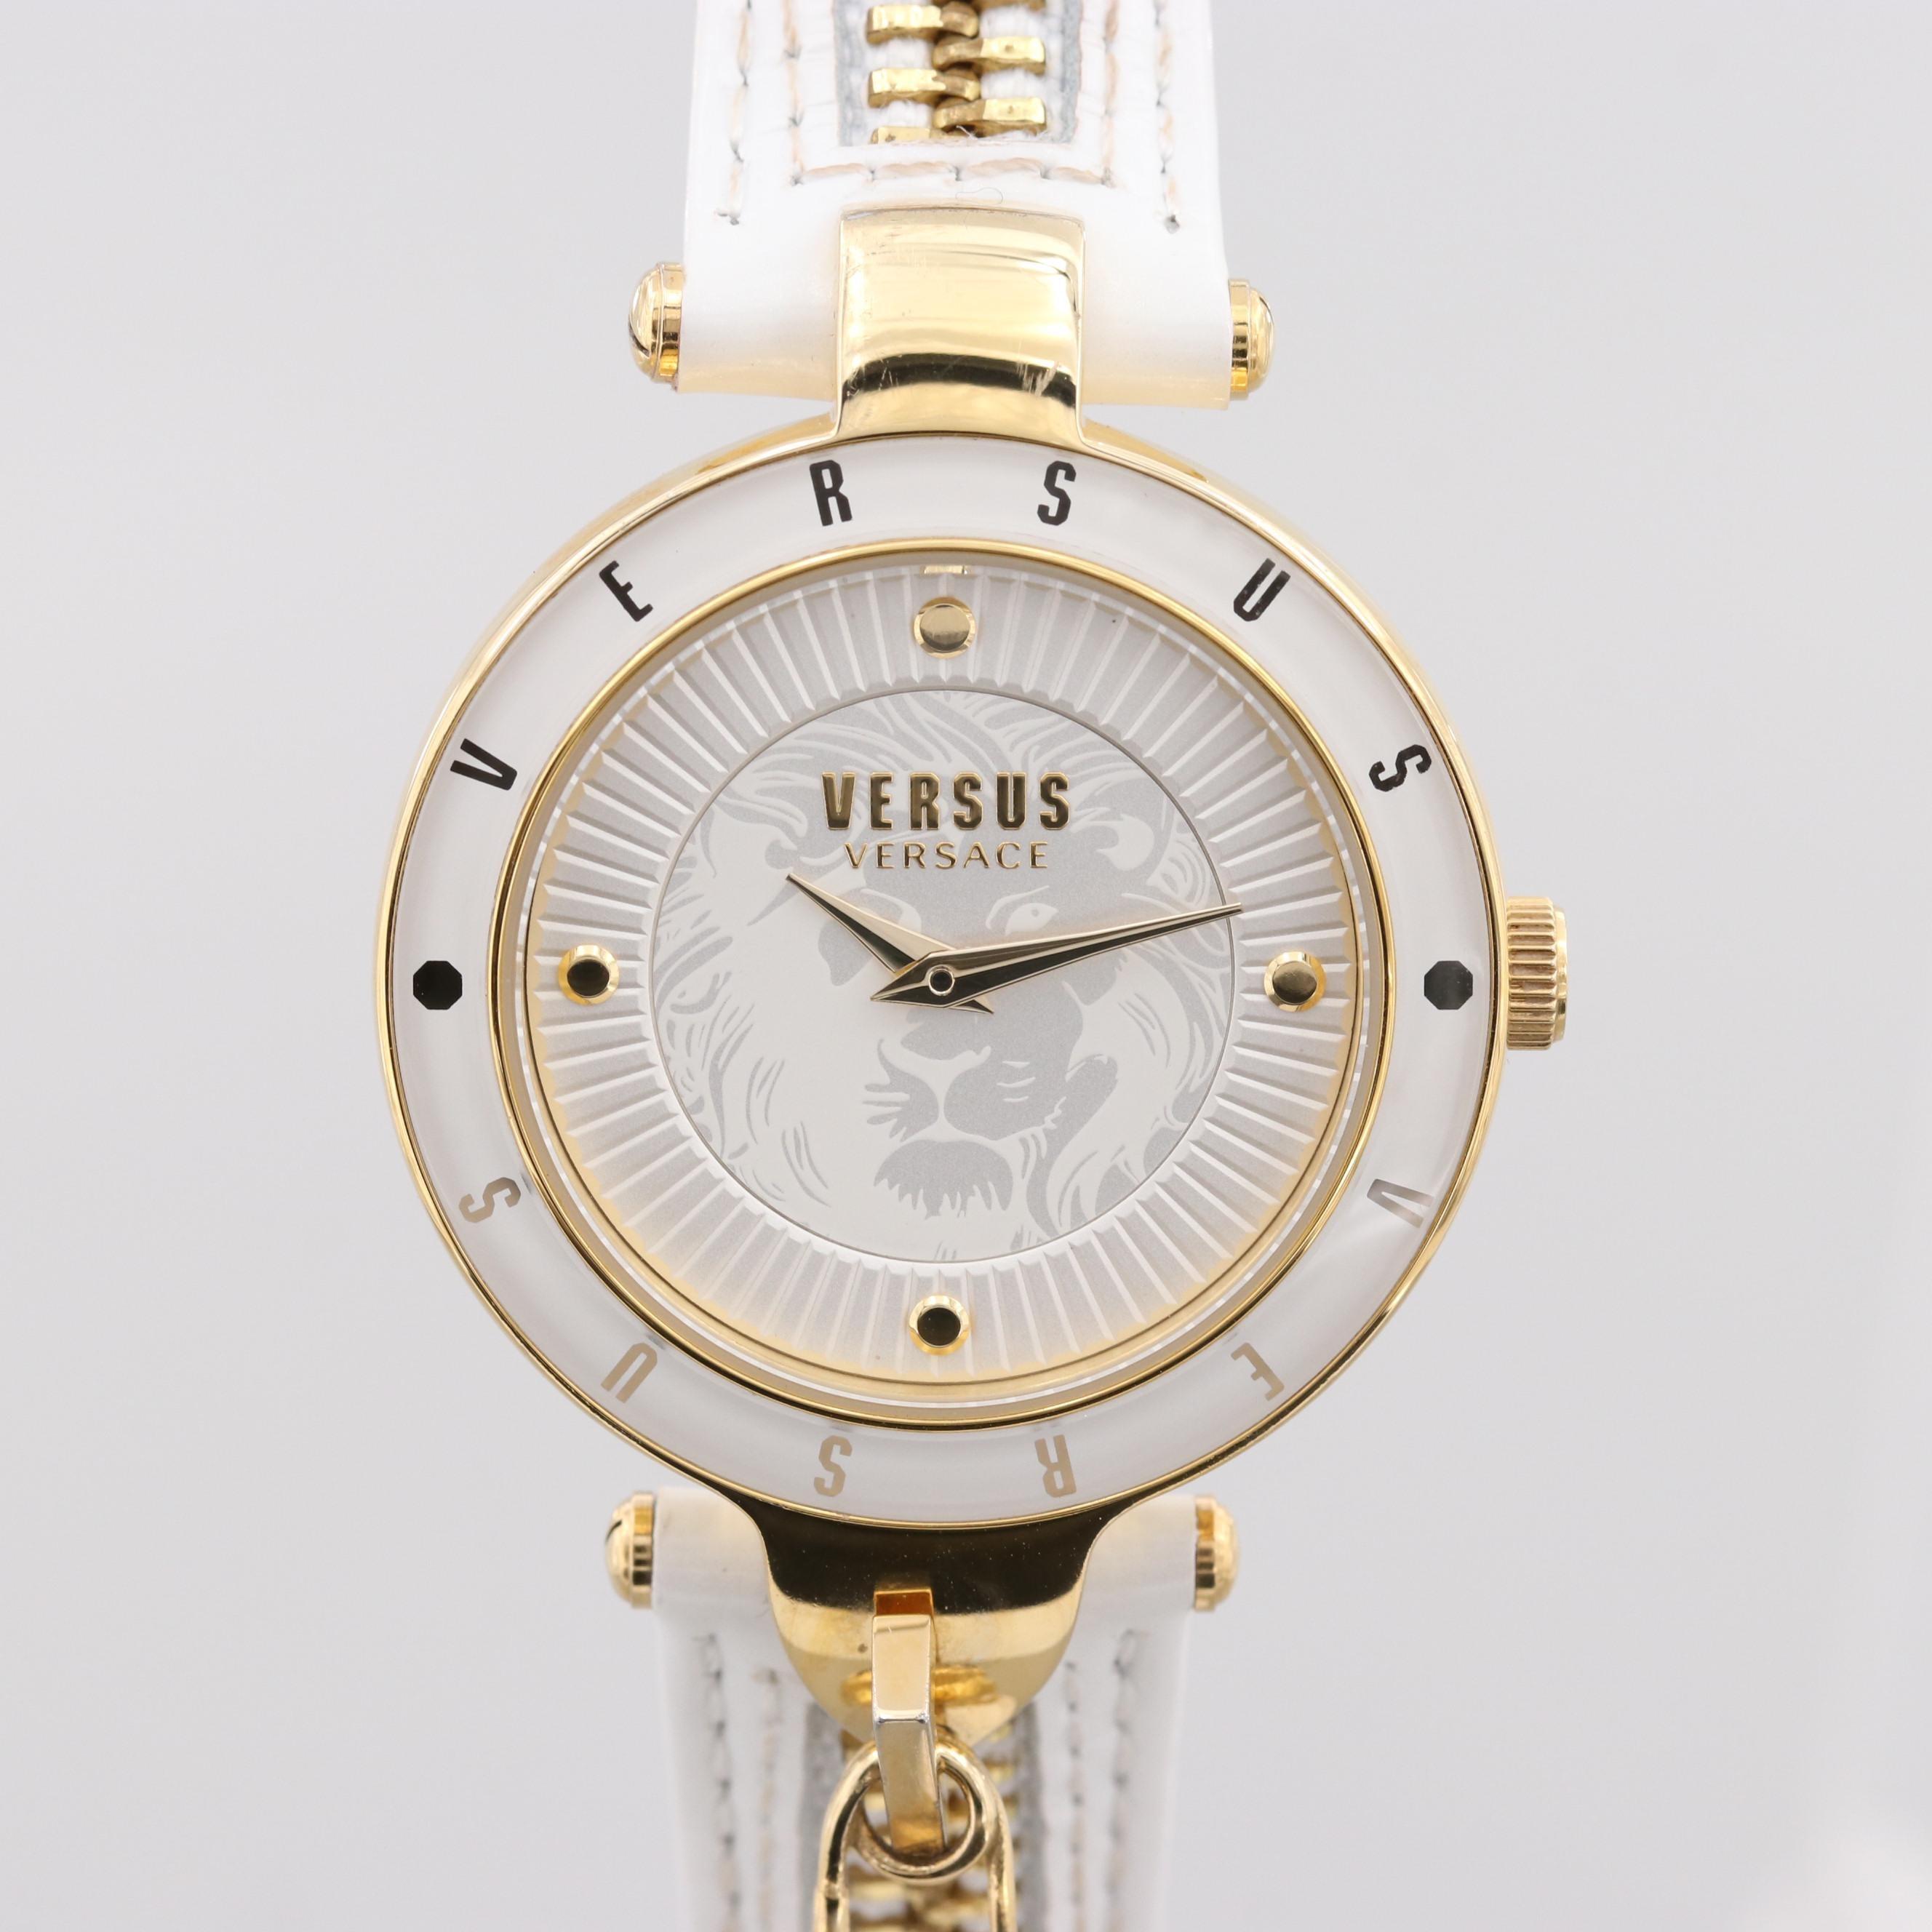 Versus Versace Quartz Wristwatch